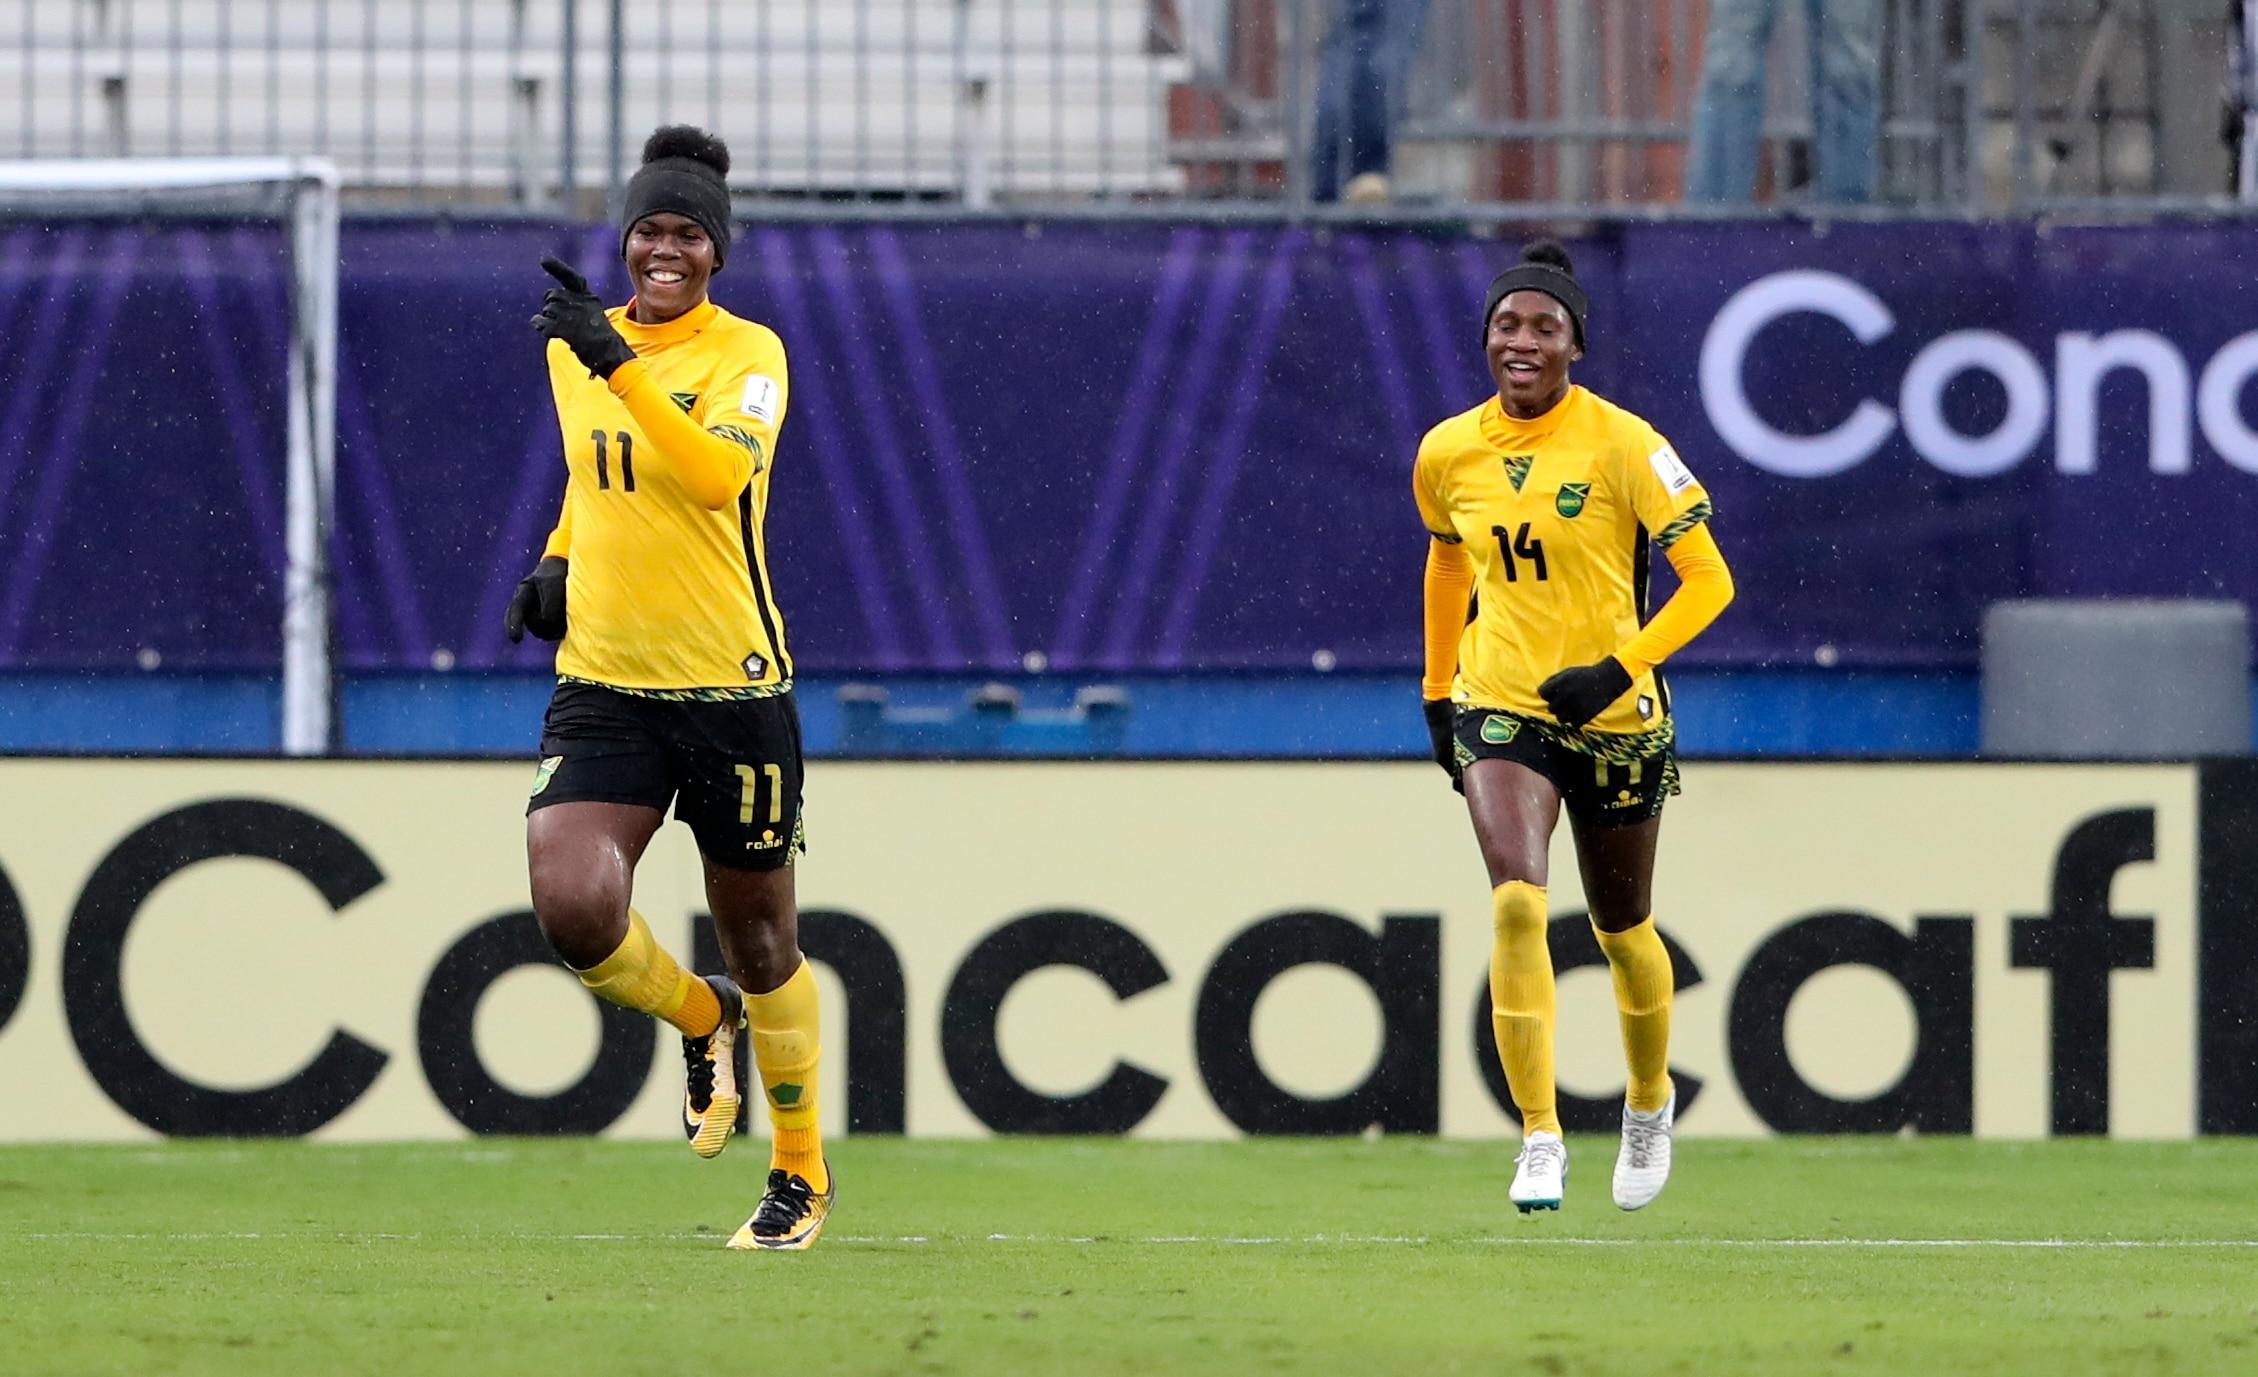 Khaduja Shaw e outra jogadora da Jamaica aquecem para uma partida